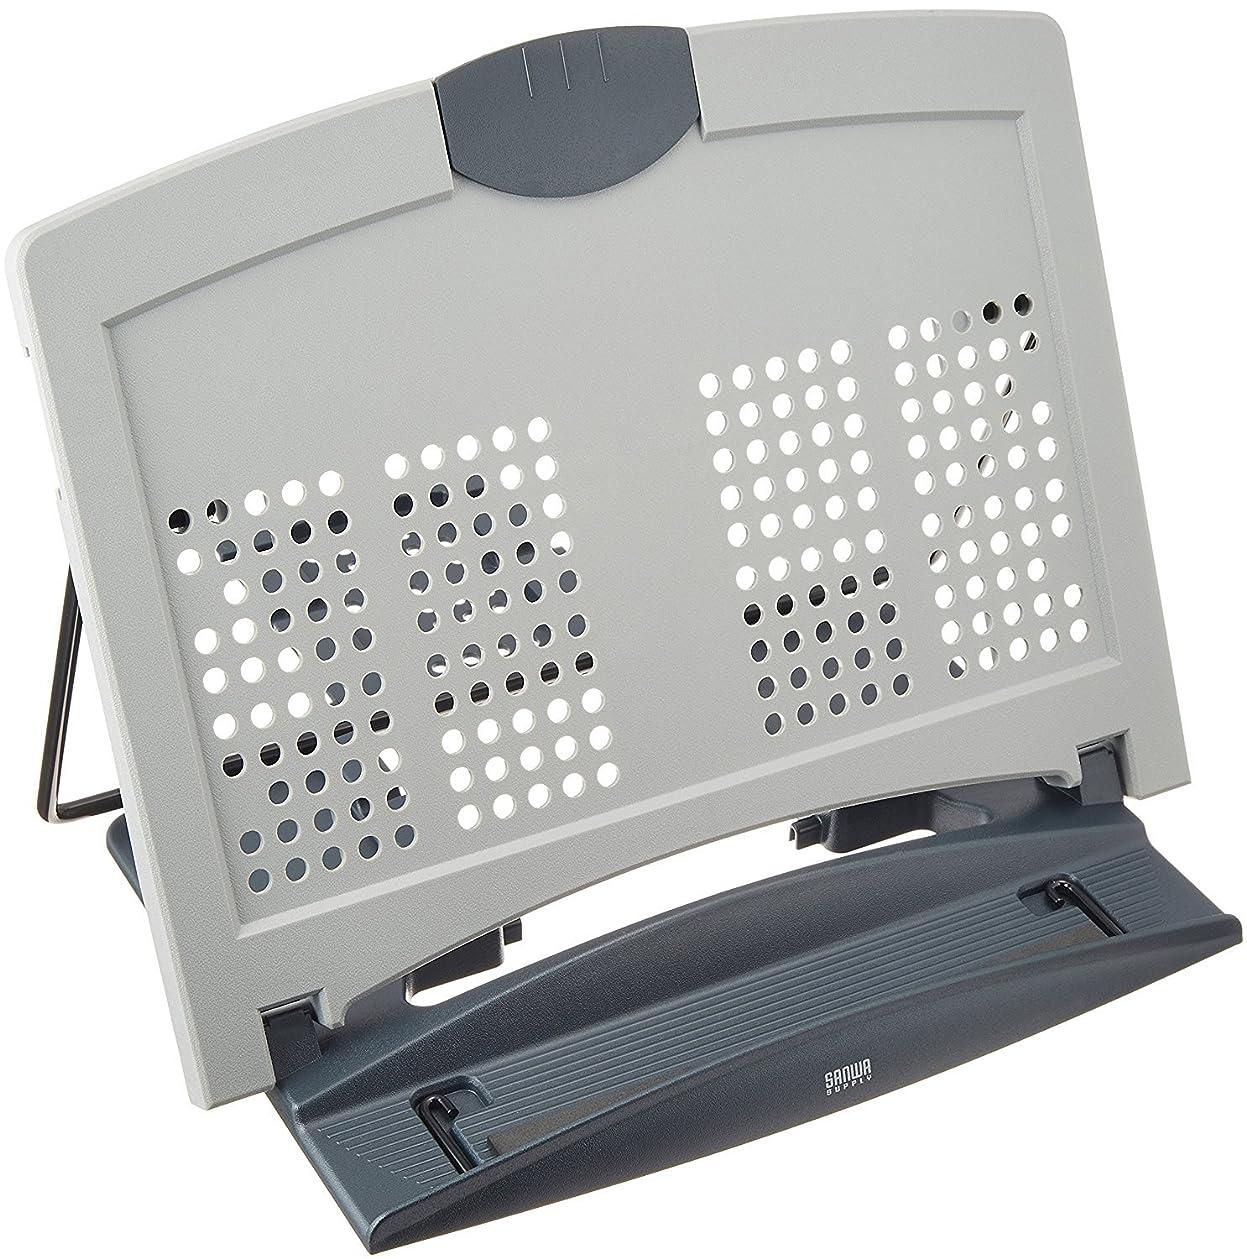 比較的経験者対抗サンワサプライ マルチデータホルダー ノートパソコン放熱用通気孔付き DH-316